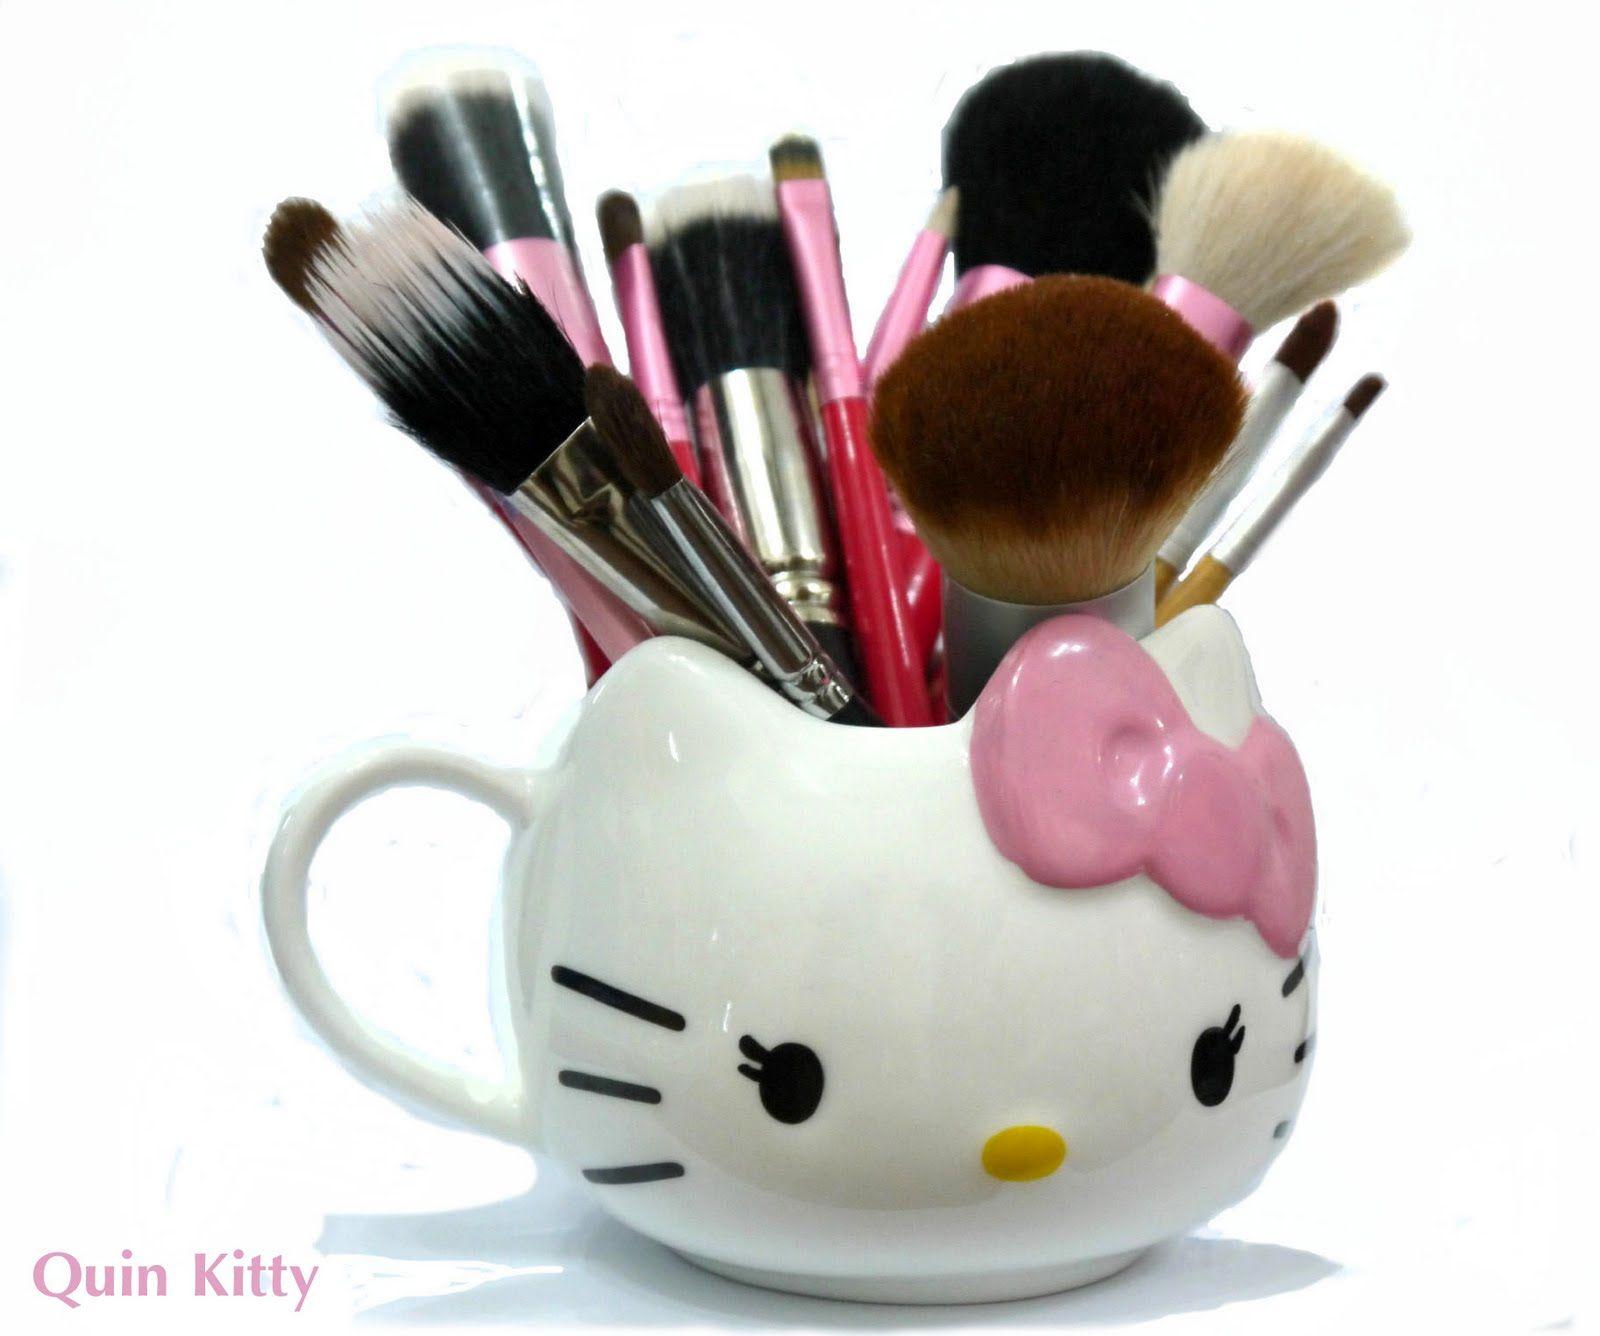 Hello Kitty Mug And Makeup Brushes Hello Kitty Tumblr Google Search Hello Kitty Makeup Diy Hello Kitty Hello Kitty Mug